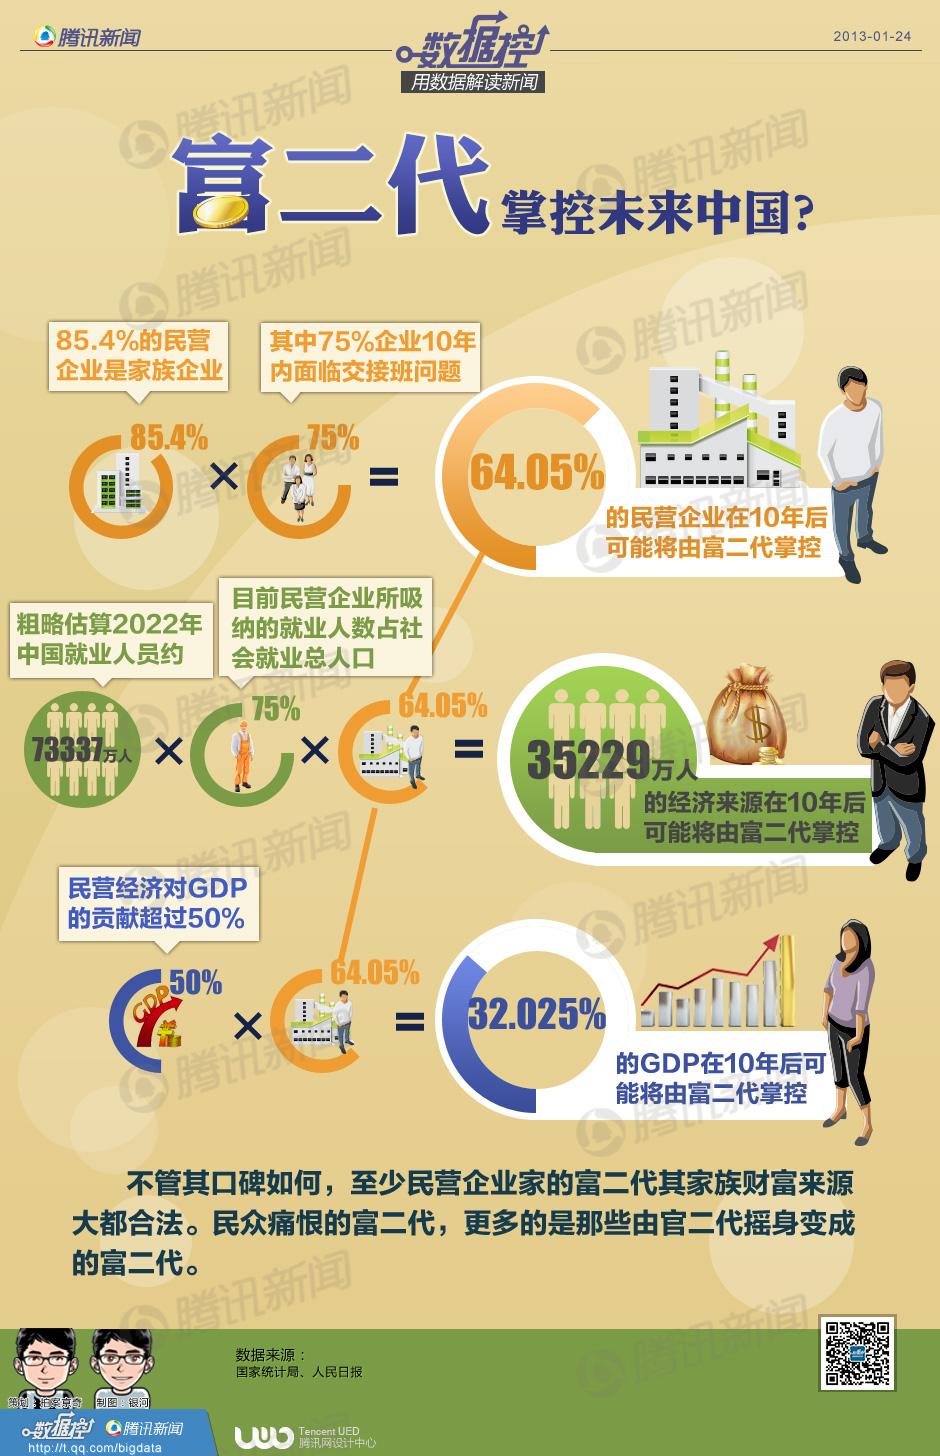 富二代掌控未来中国?